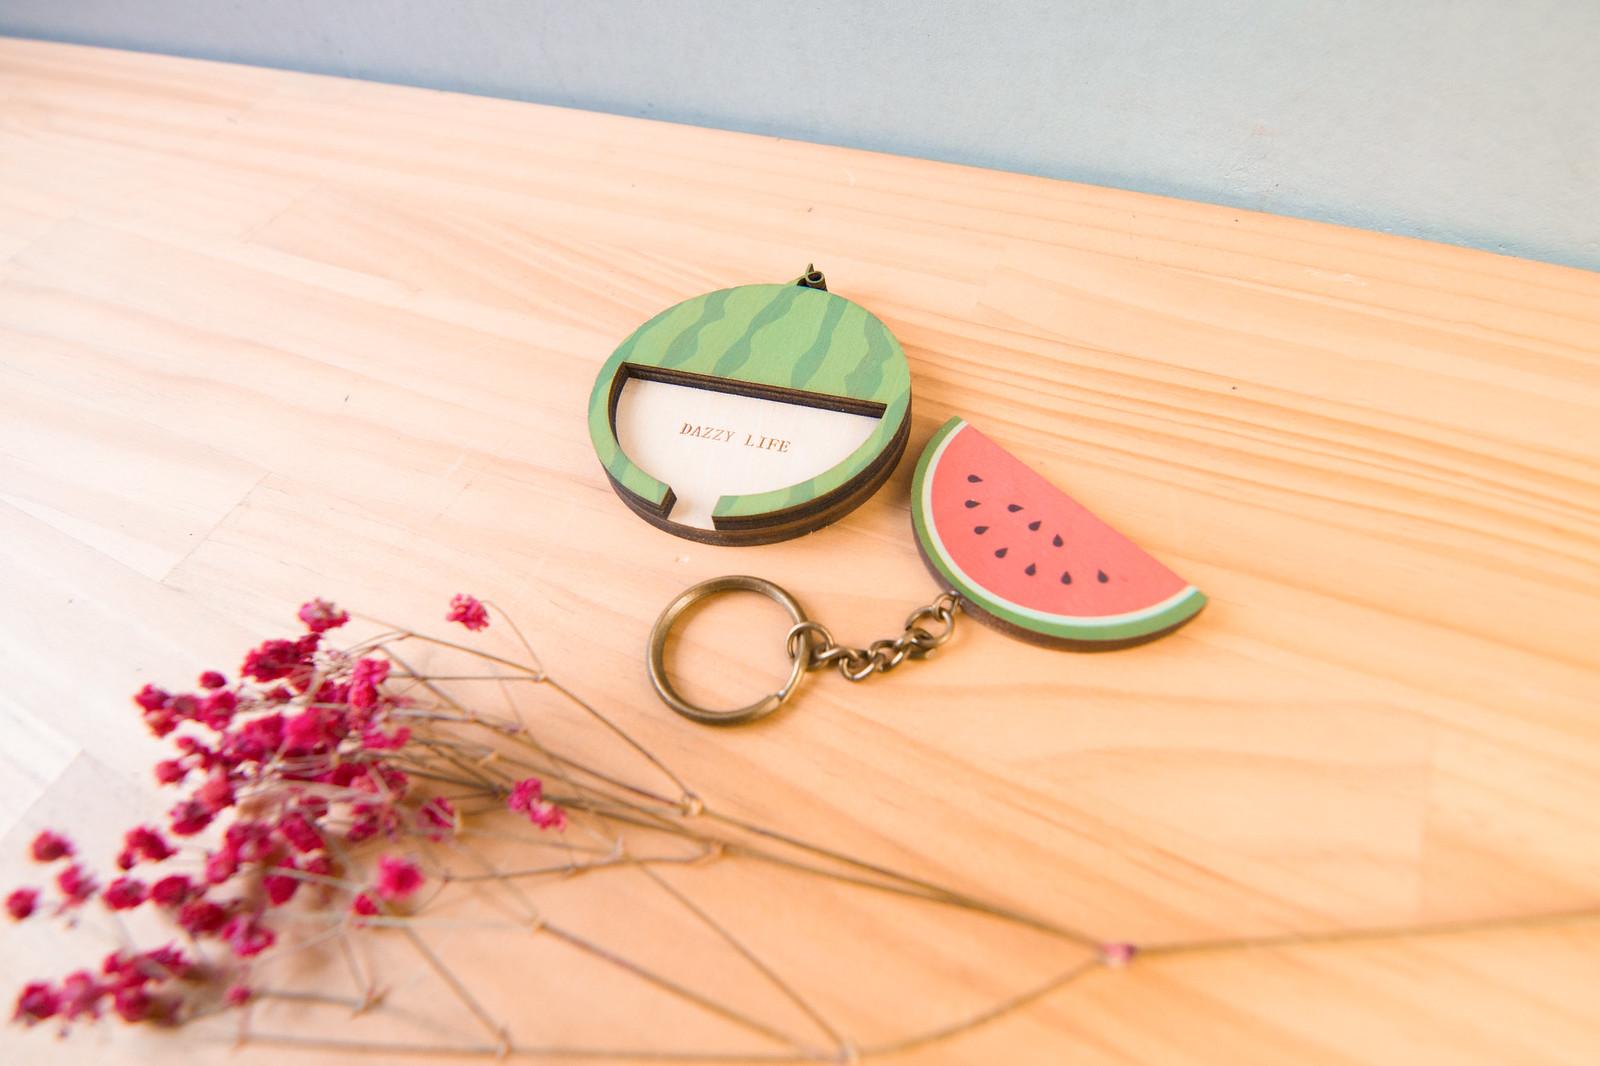 鑰匙圈 客製化 禮物 特色產品 居家 台灣設計 生日 情人節 動物 療癒 夏天 綠色 水果 聖誕節 收納 裝飾 吊飾 送禮 中性 木 楓木 胡桃木 鑰匙